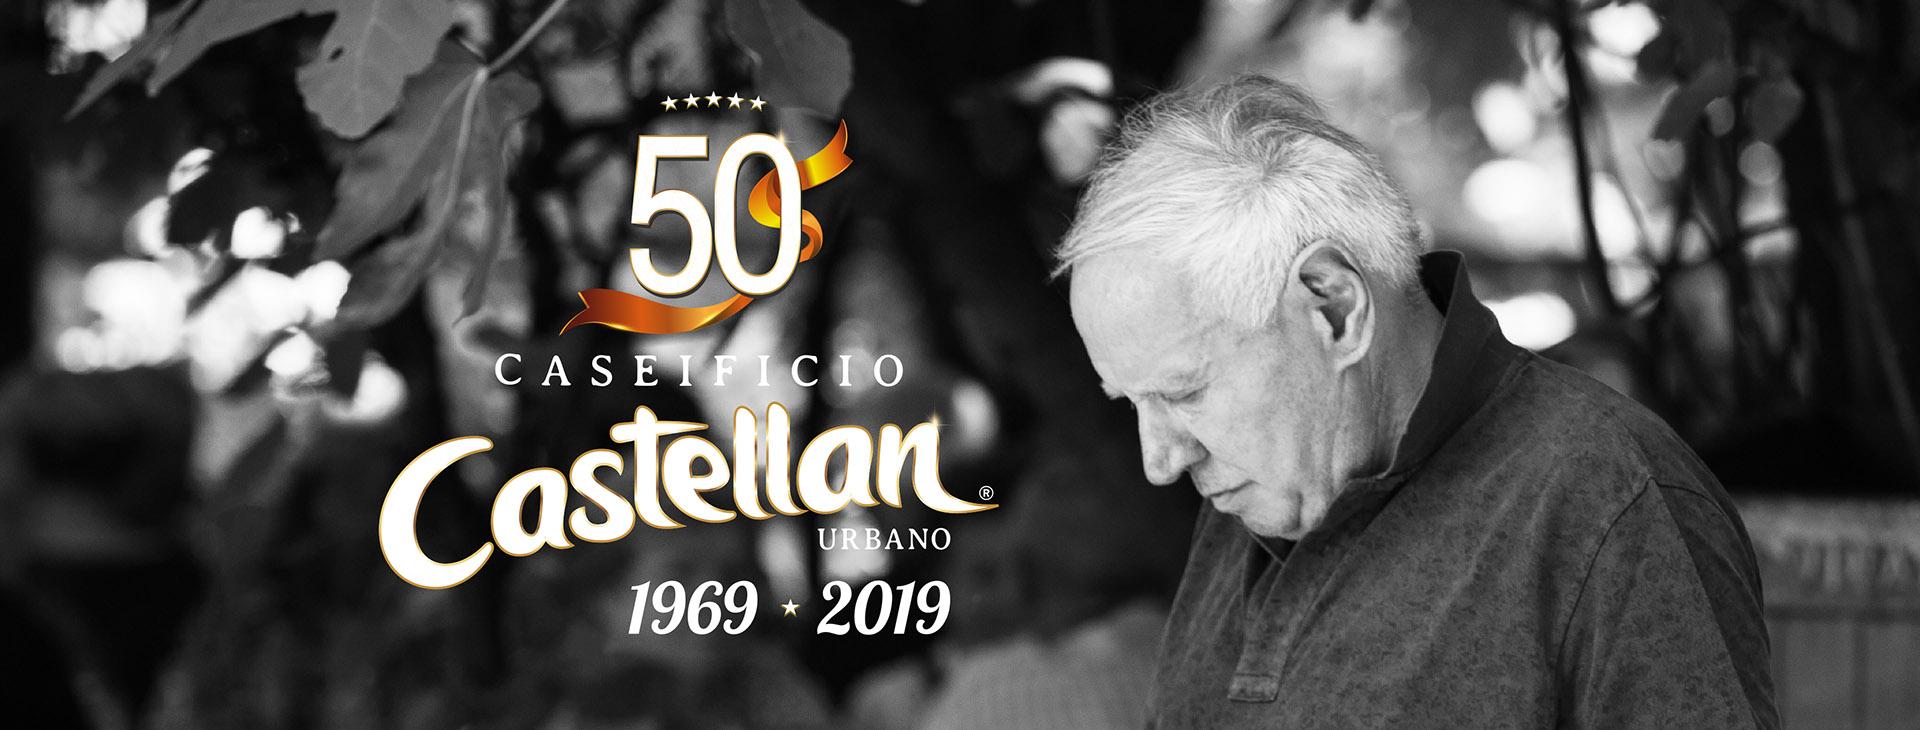 50 Anniversario Fondazione Caseificio Castellan Urbano